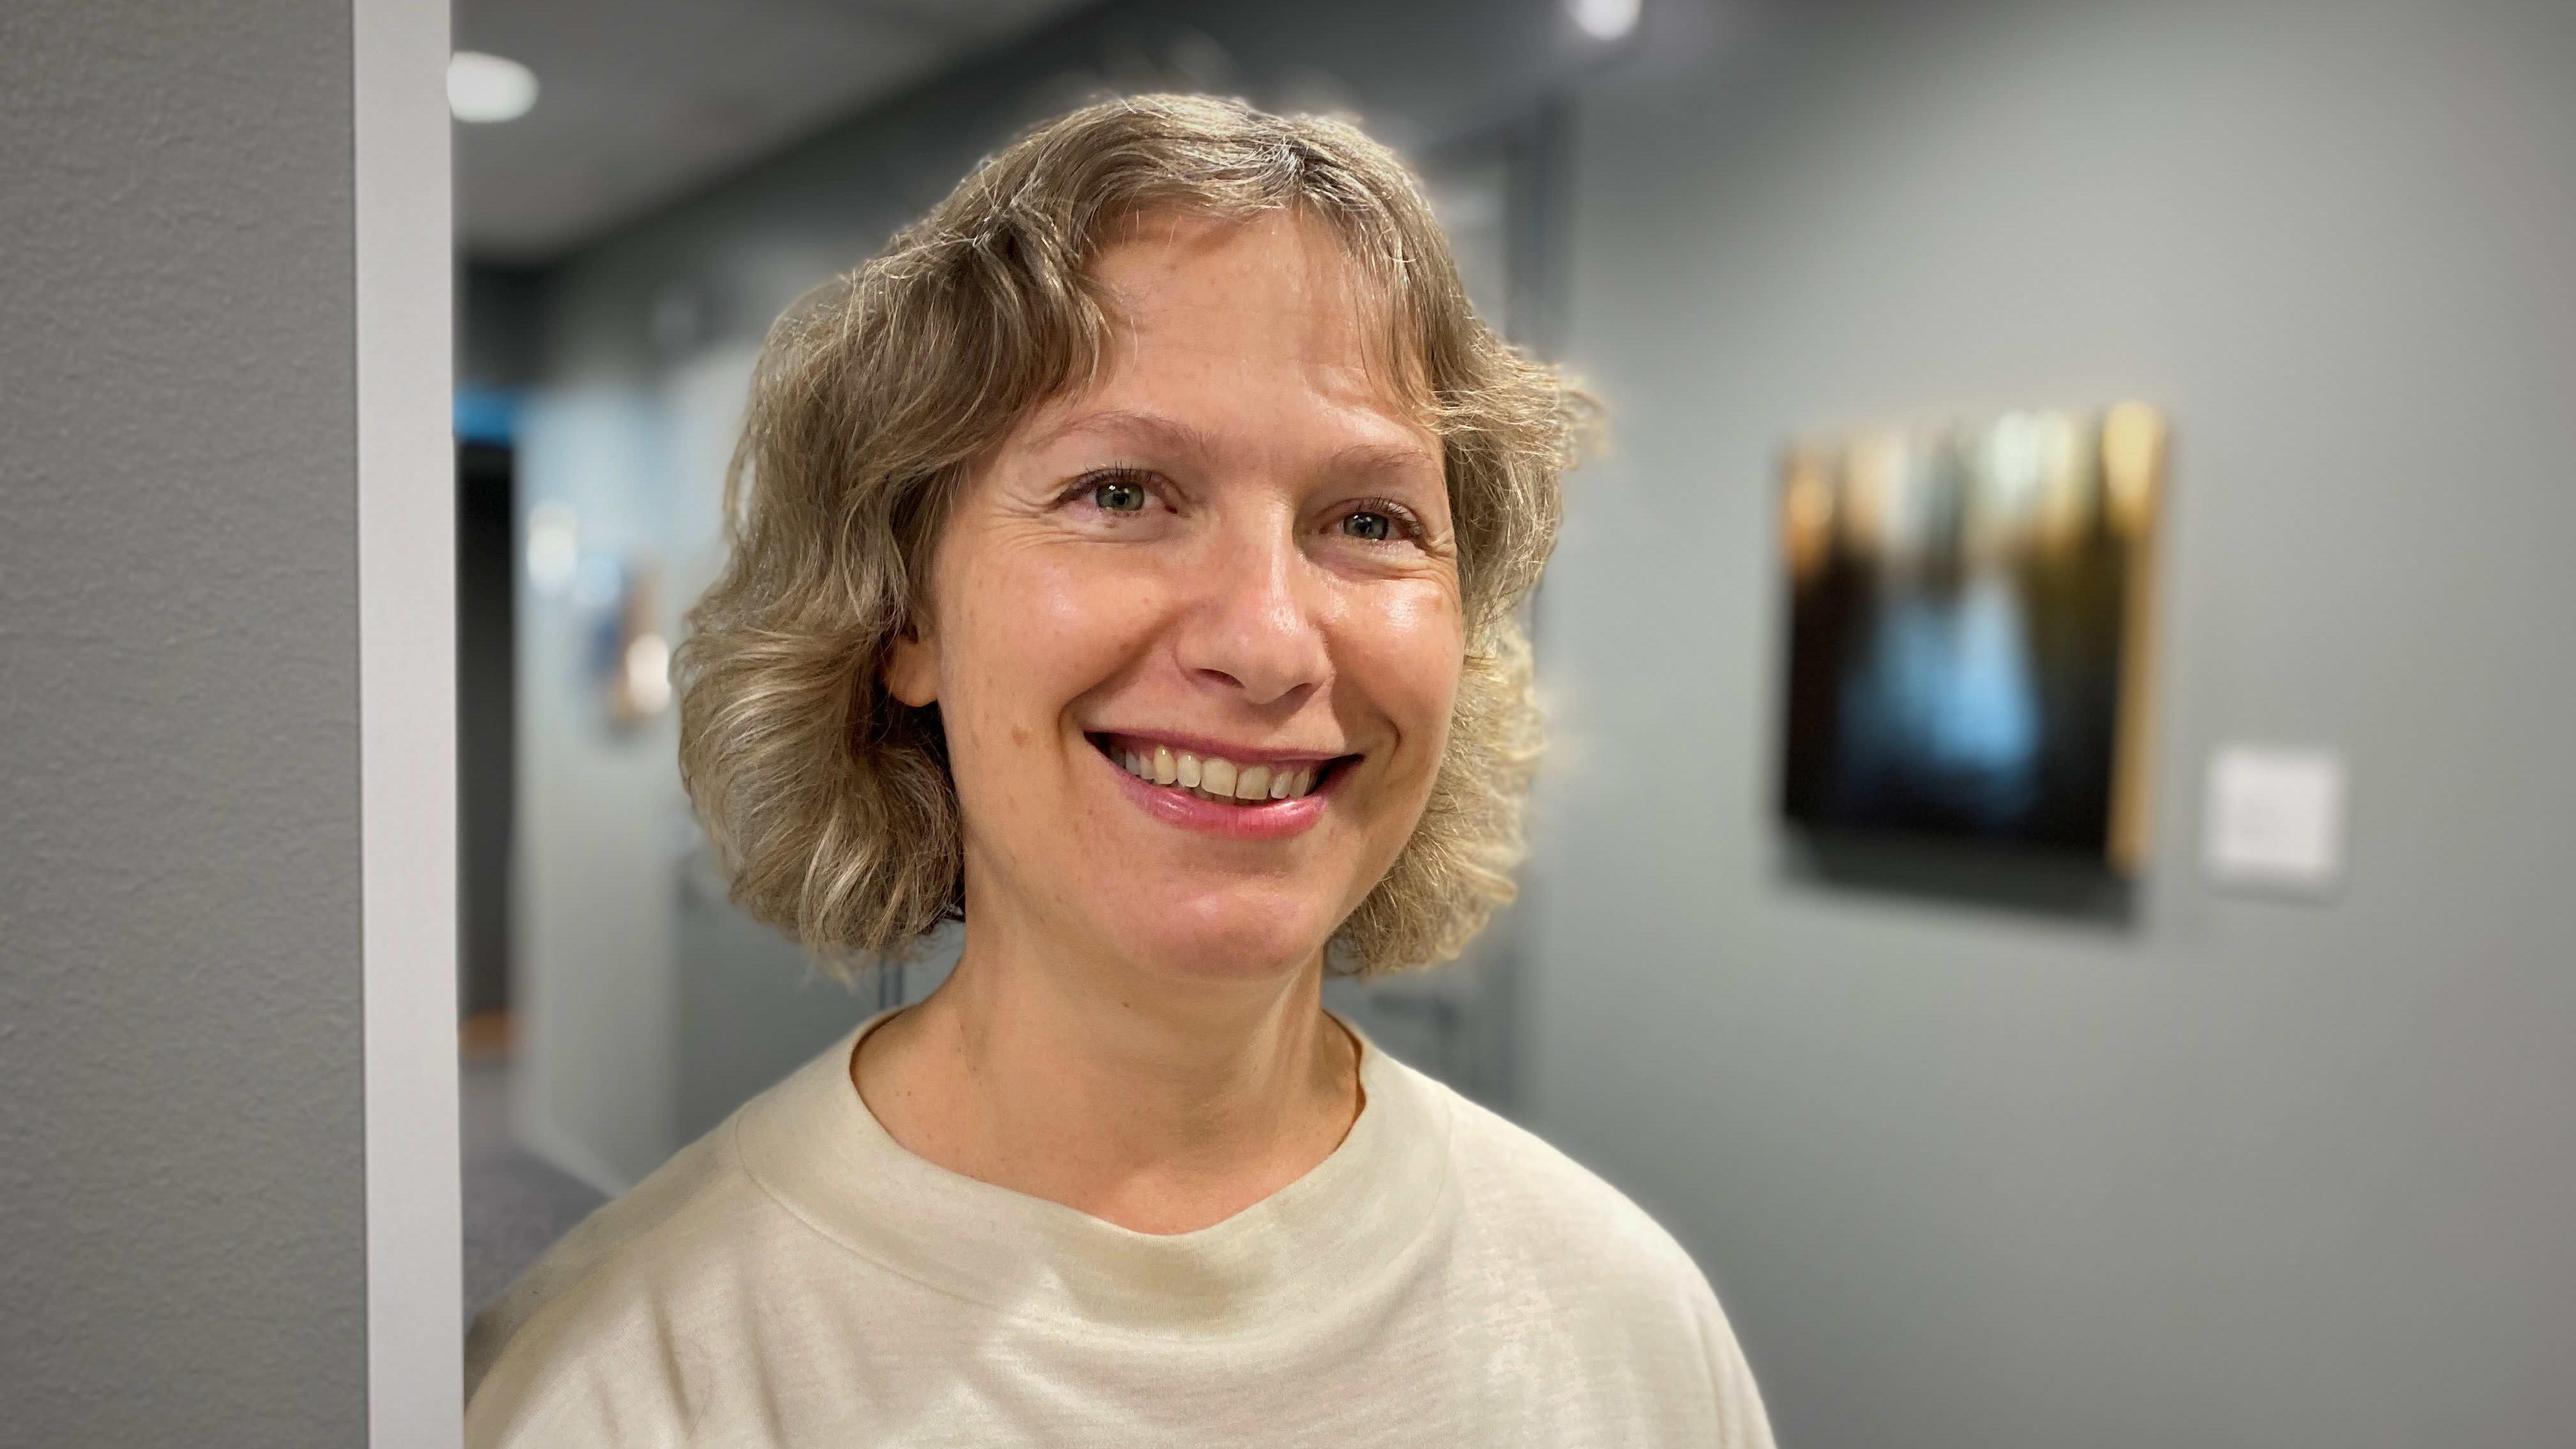 Vaaleahiuksinen ja valkopaitainen nainen hymyilee kameralle toimiston käytävällä.